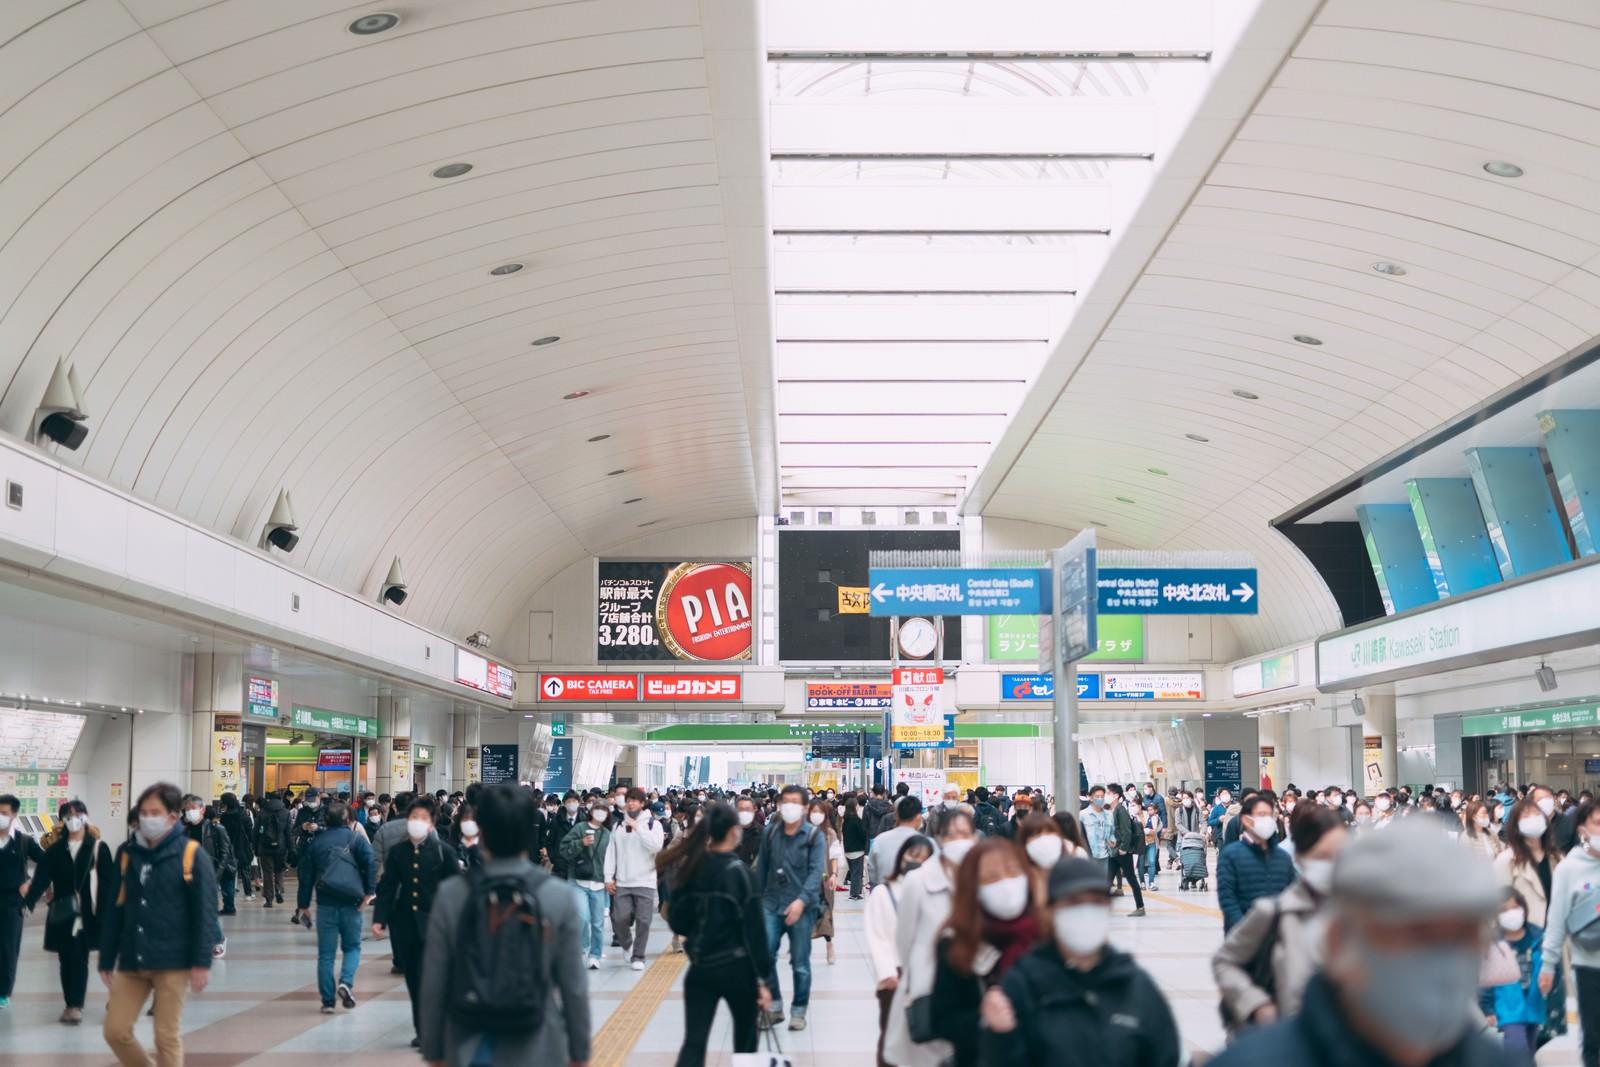 「人で混み合うJR川崎駅改札前」の写真